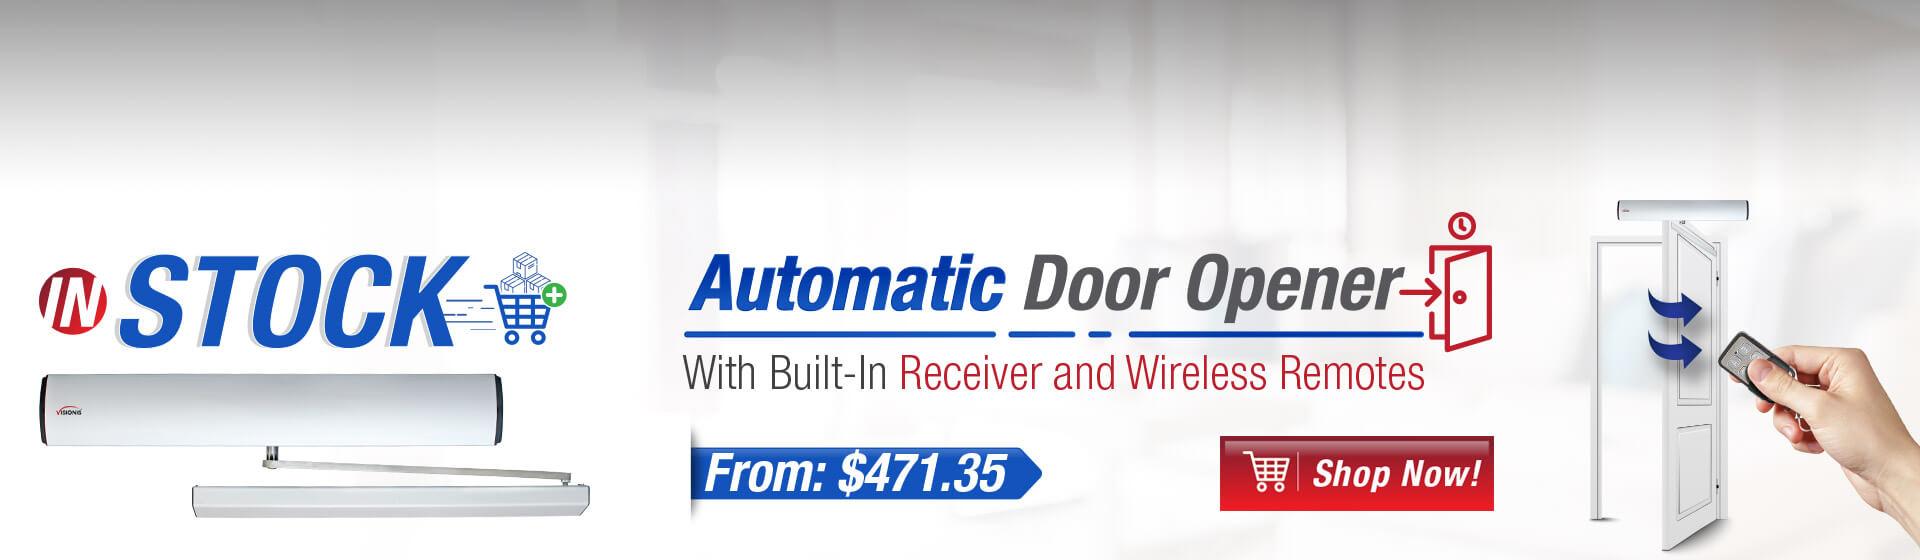 Automatic Door opener banner